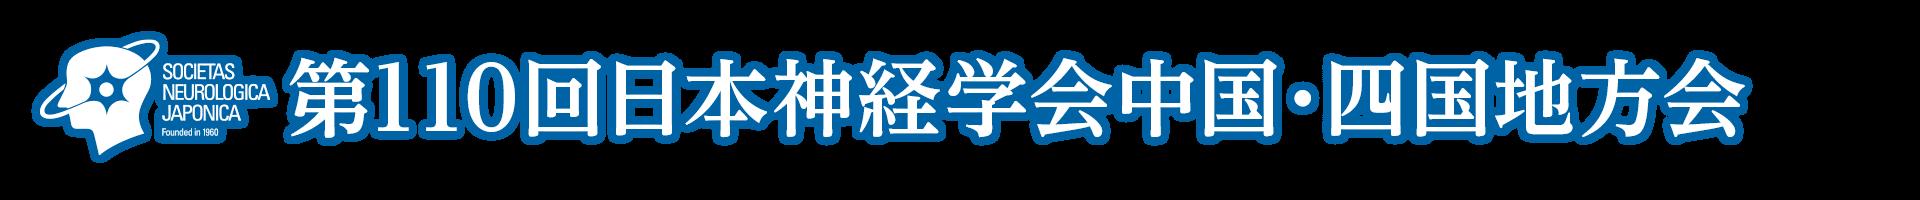 第110回日本神経学会中国・四国地方会